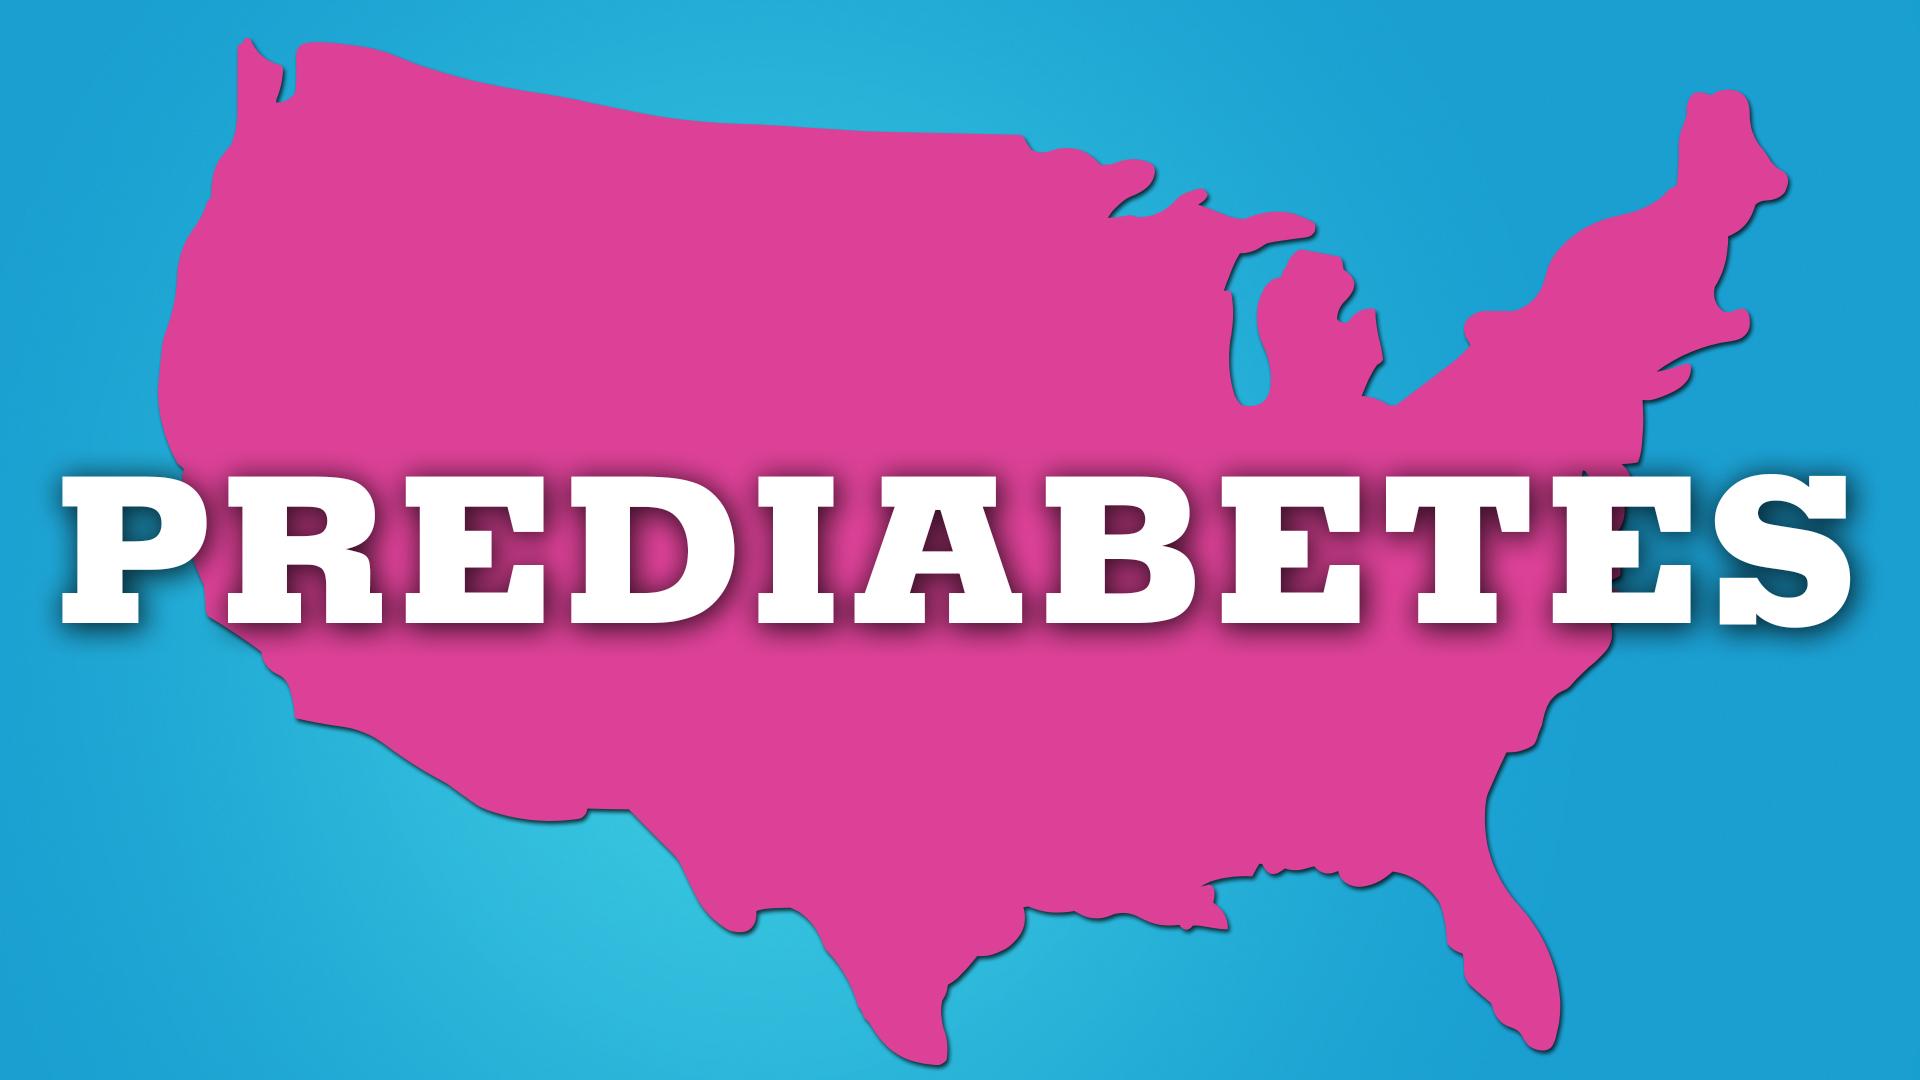 02.What-Is-Prediabetes